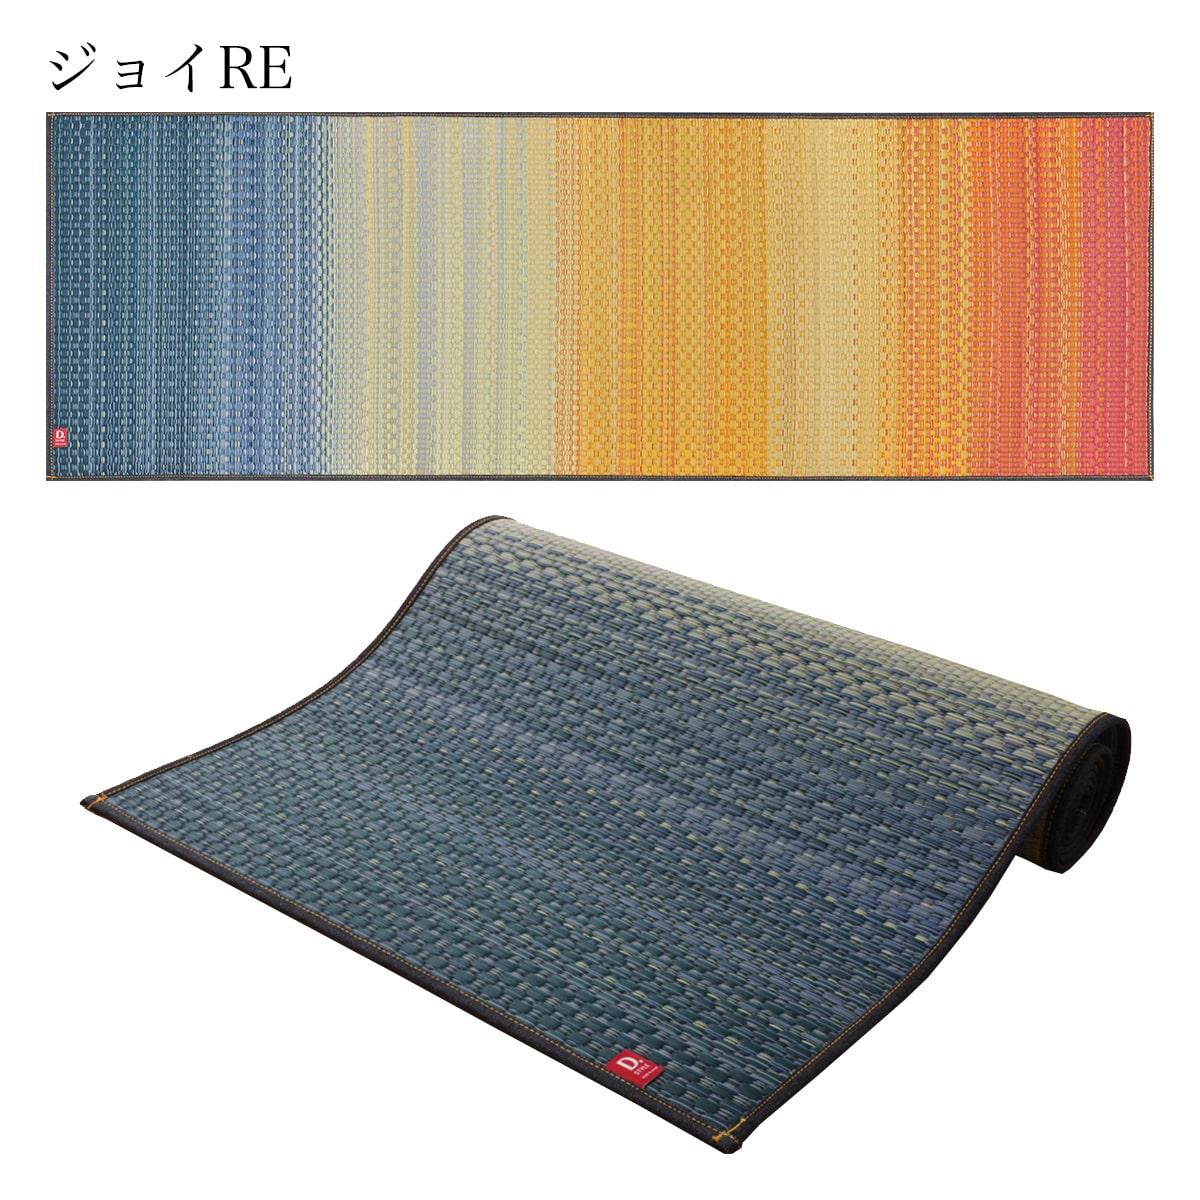 畳ヨガ 畳ヨガマット6mm イケヒコ│ヨガマット い草 PVC 滑りにくい KAIHARAデニム 日本製